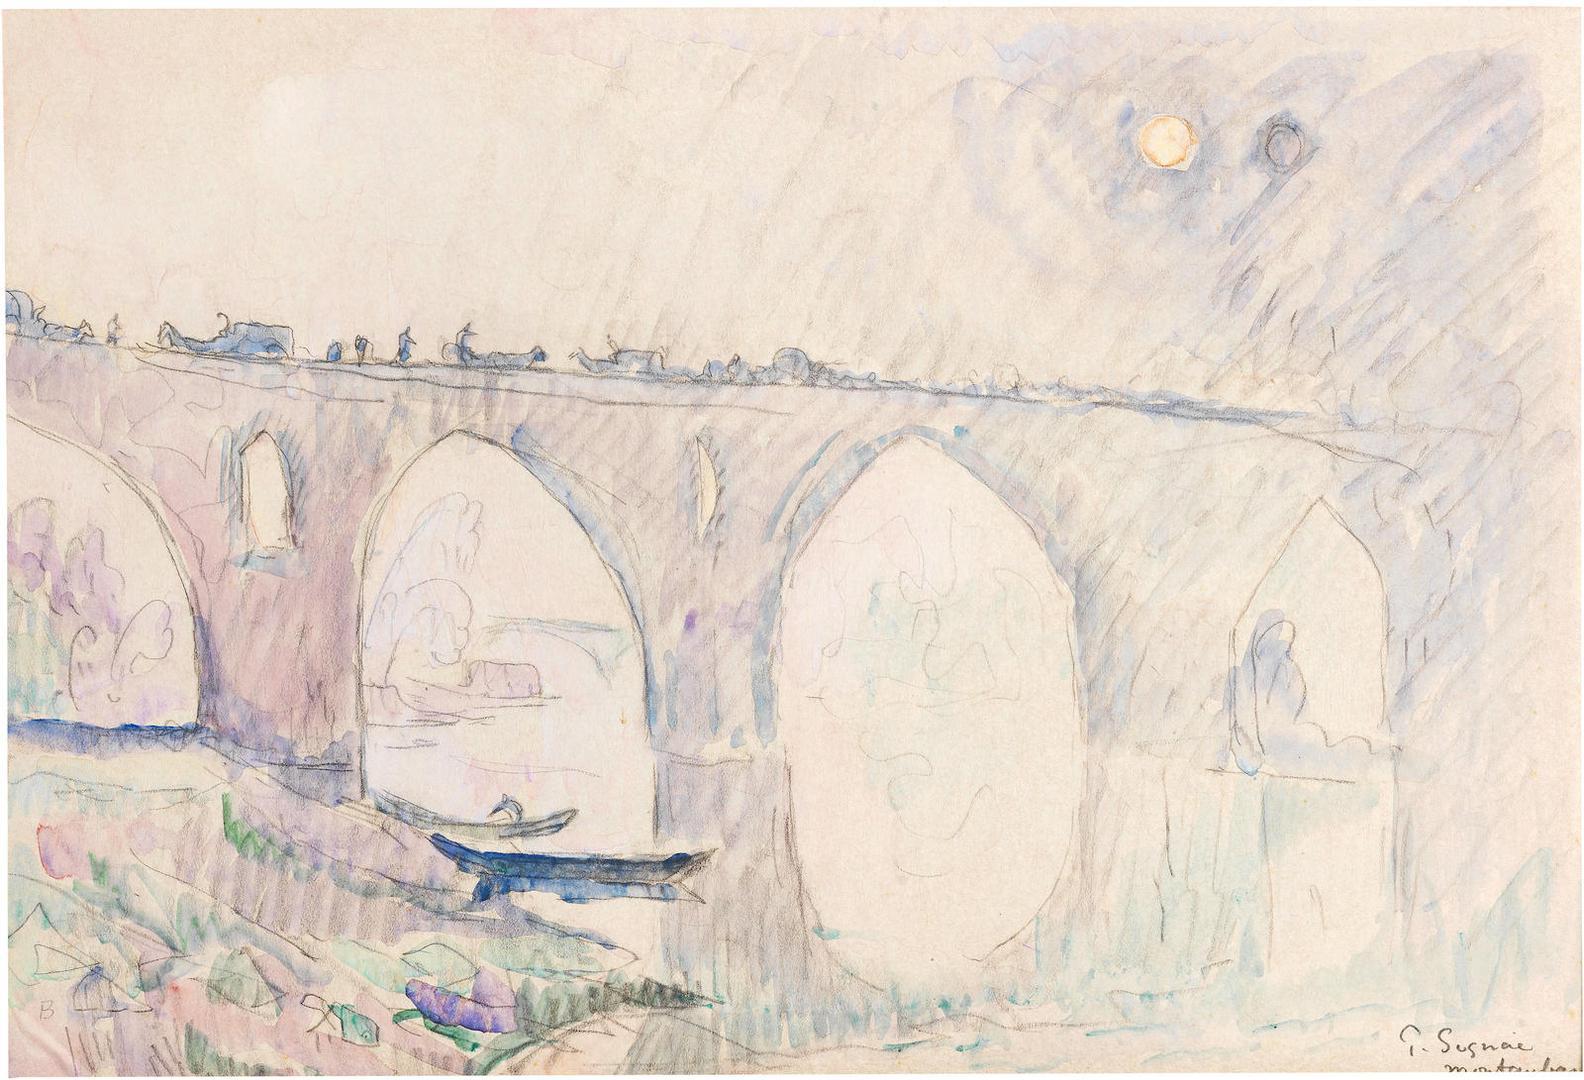 Paul Signac-Montauban, Le Pont Vieux-1922